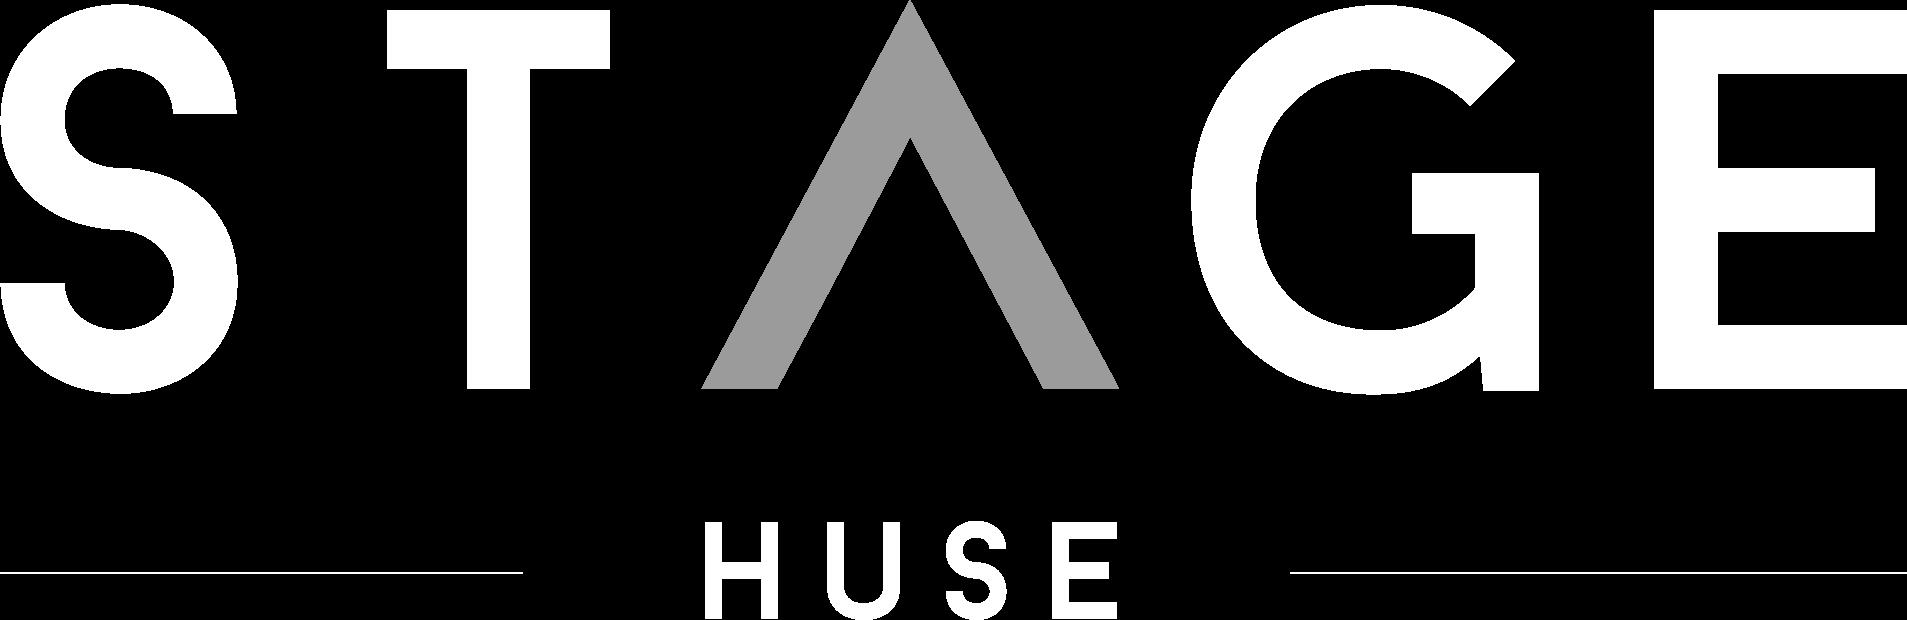 STAGE HUSE